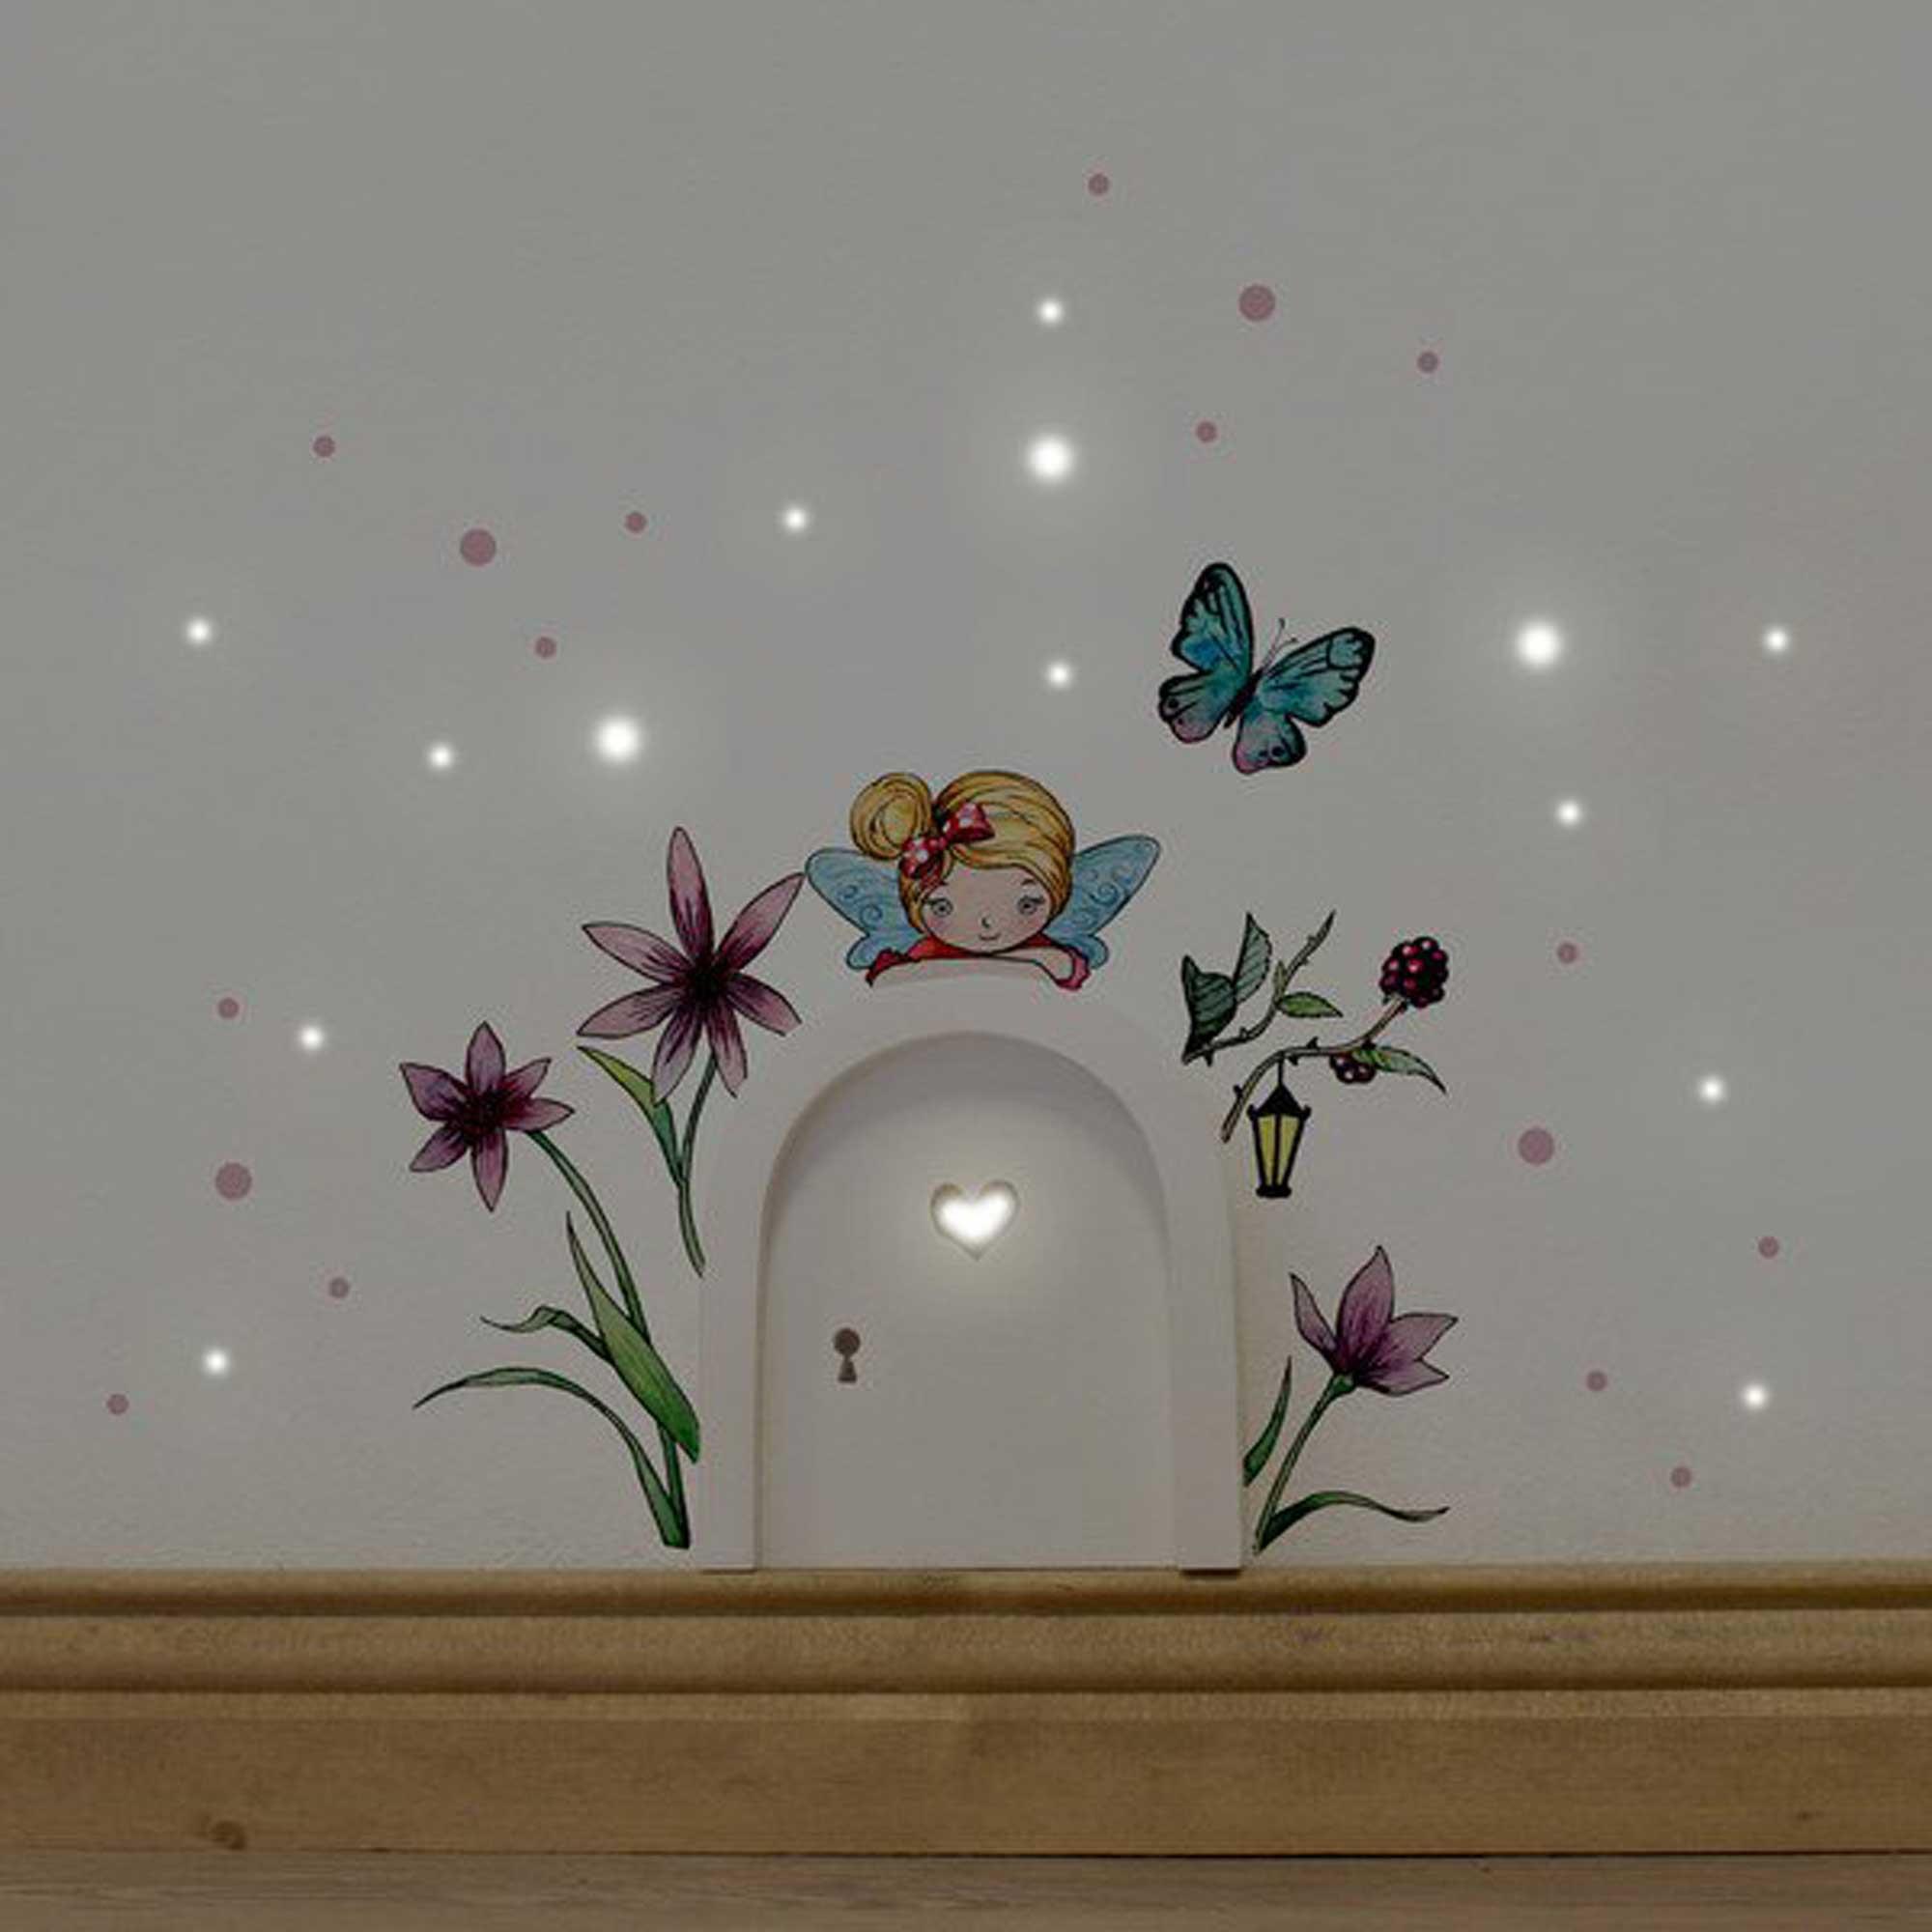 Elfentür Feentür Wichteltür Koboldtür Mit Wandtattoo Wandaufkleber  Wandsticker Aufkleber Sticker Kleine Elfe Fee Mit Blumen Schmetterling